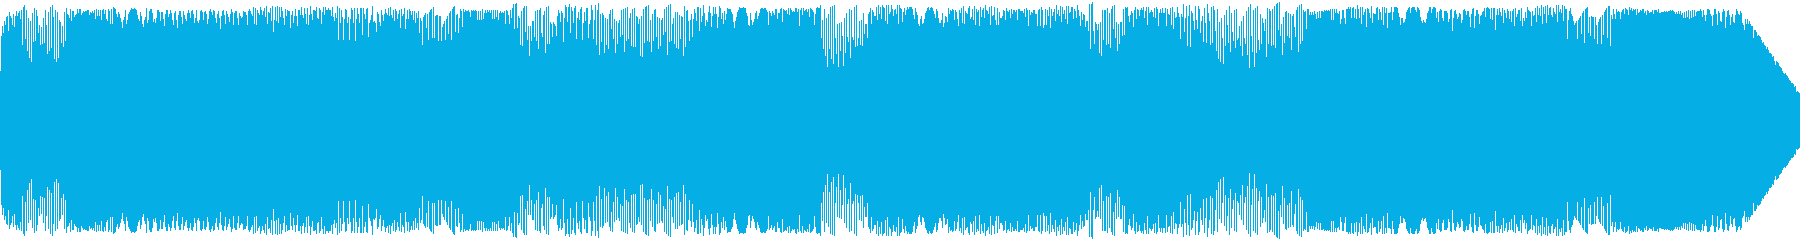 ランダム合成0603 ZGの再生済みの波形